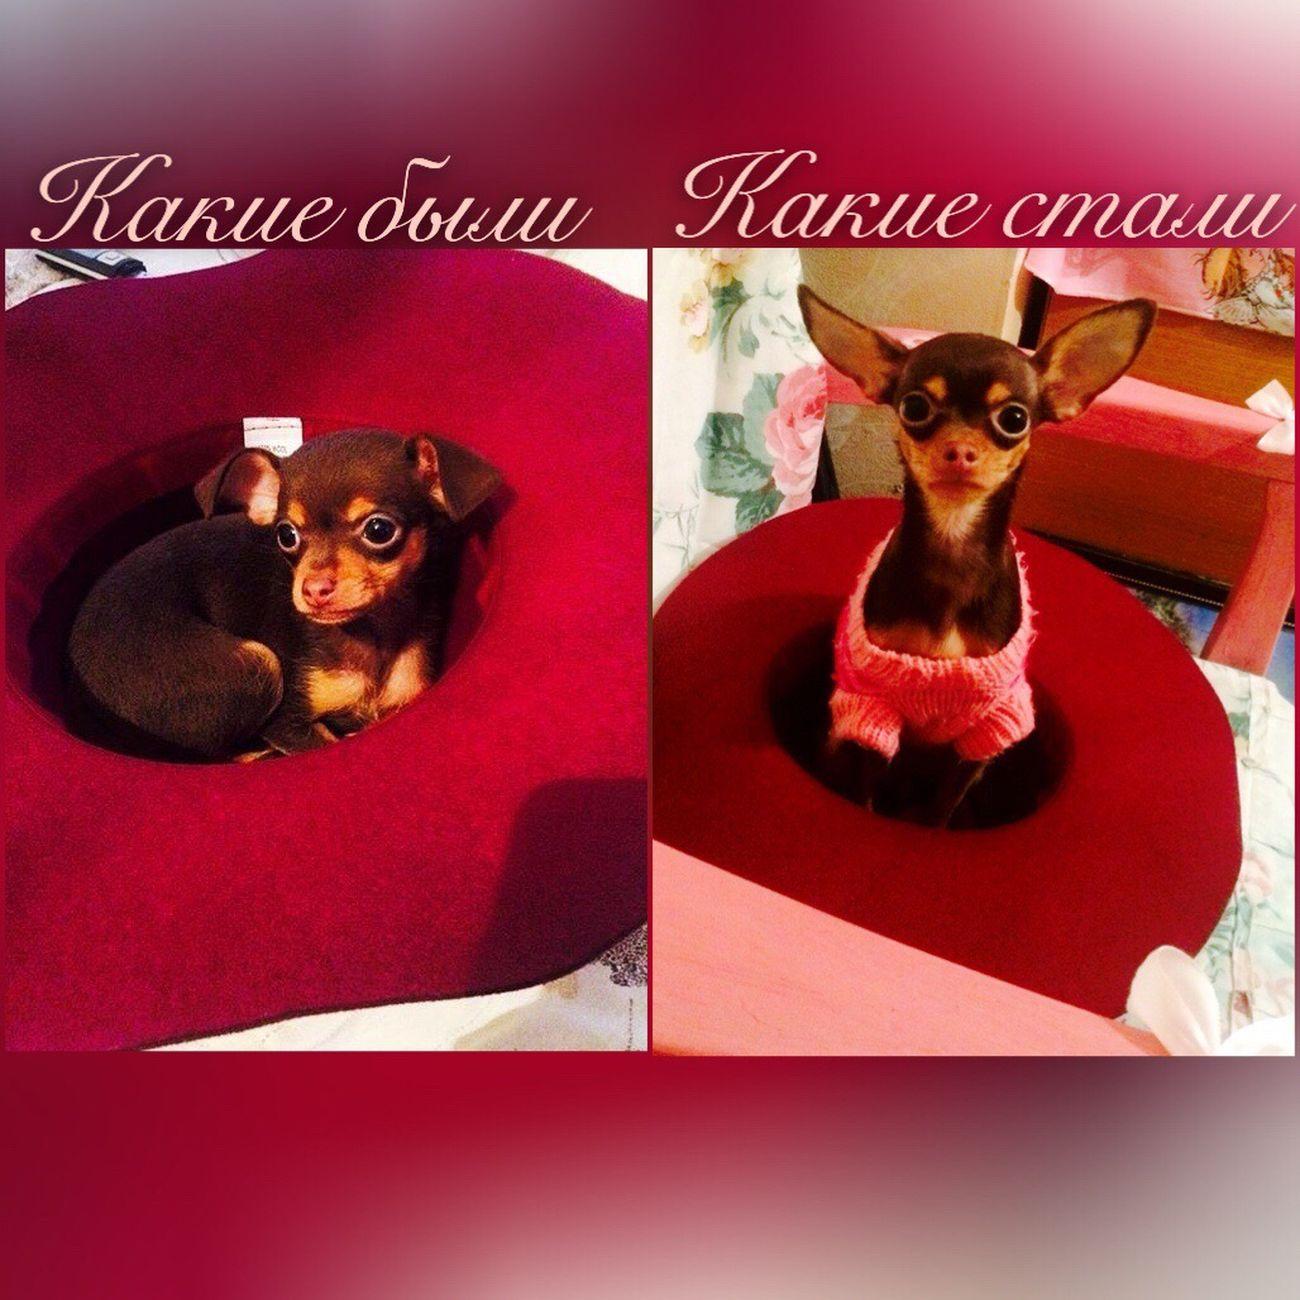 Pets One Animal Dog Animal Themes Russiantoyterier Russiantoyterrier Russiantoy Mypuppy Mypuppydog Mylove Mymodel Fashion Fashiondog Dolcegabana